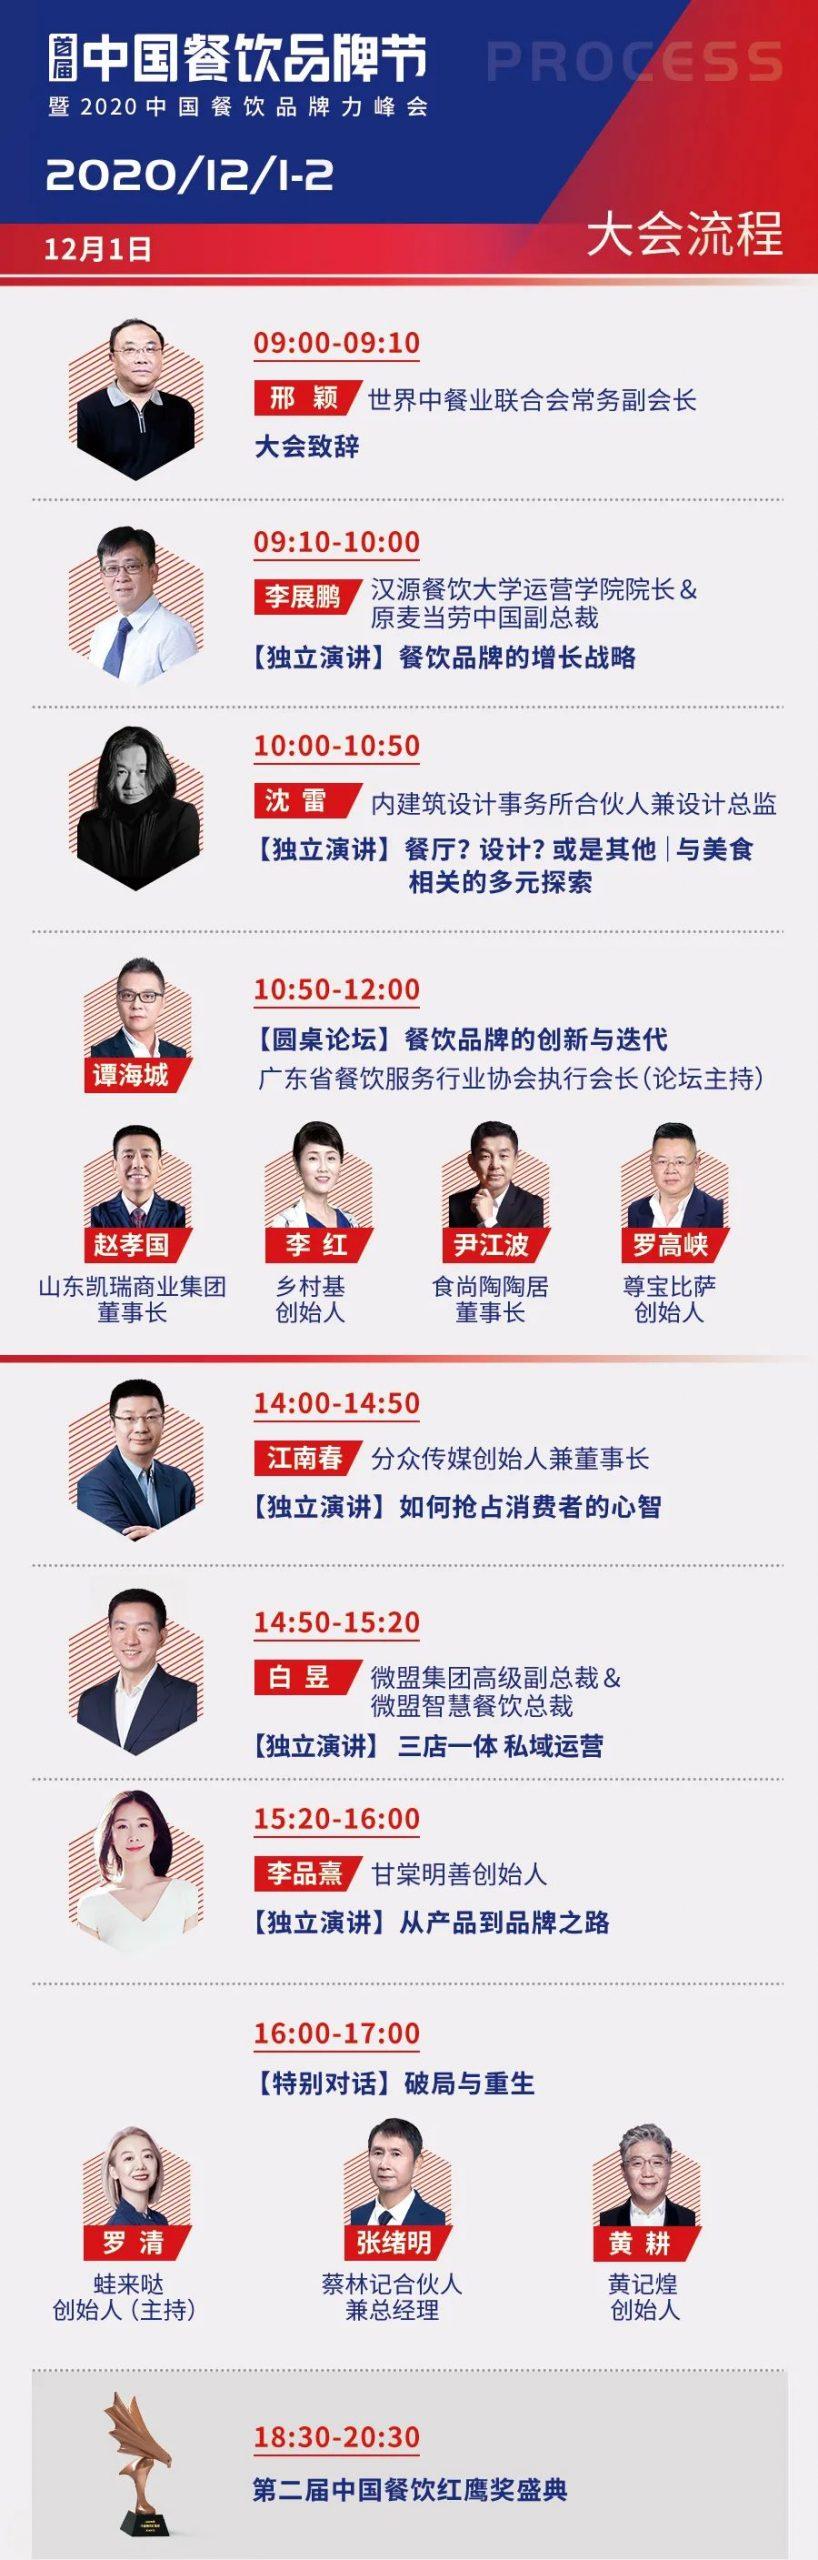 首届中国餐饮品牌节暨2020中国餐饮品牌力峰会,等你来!